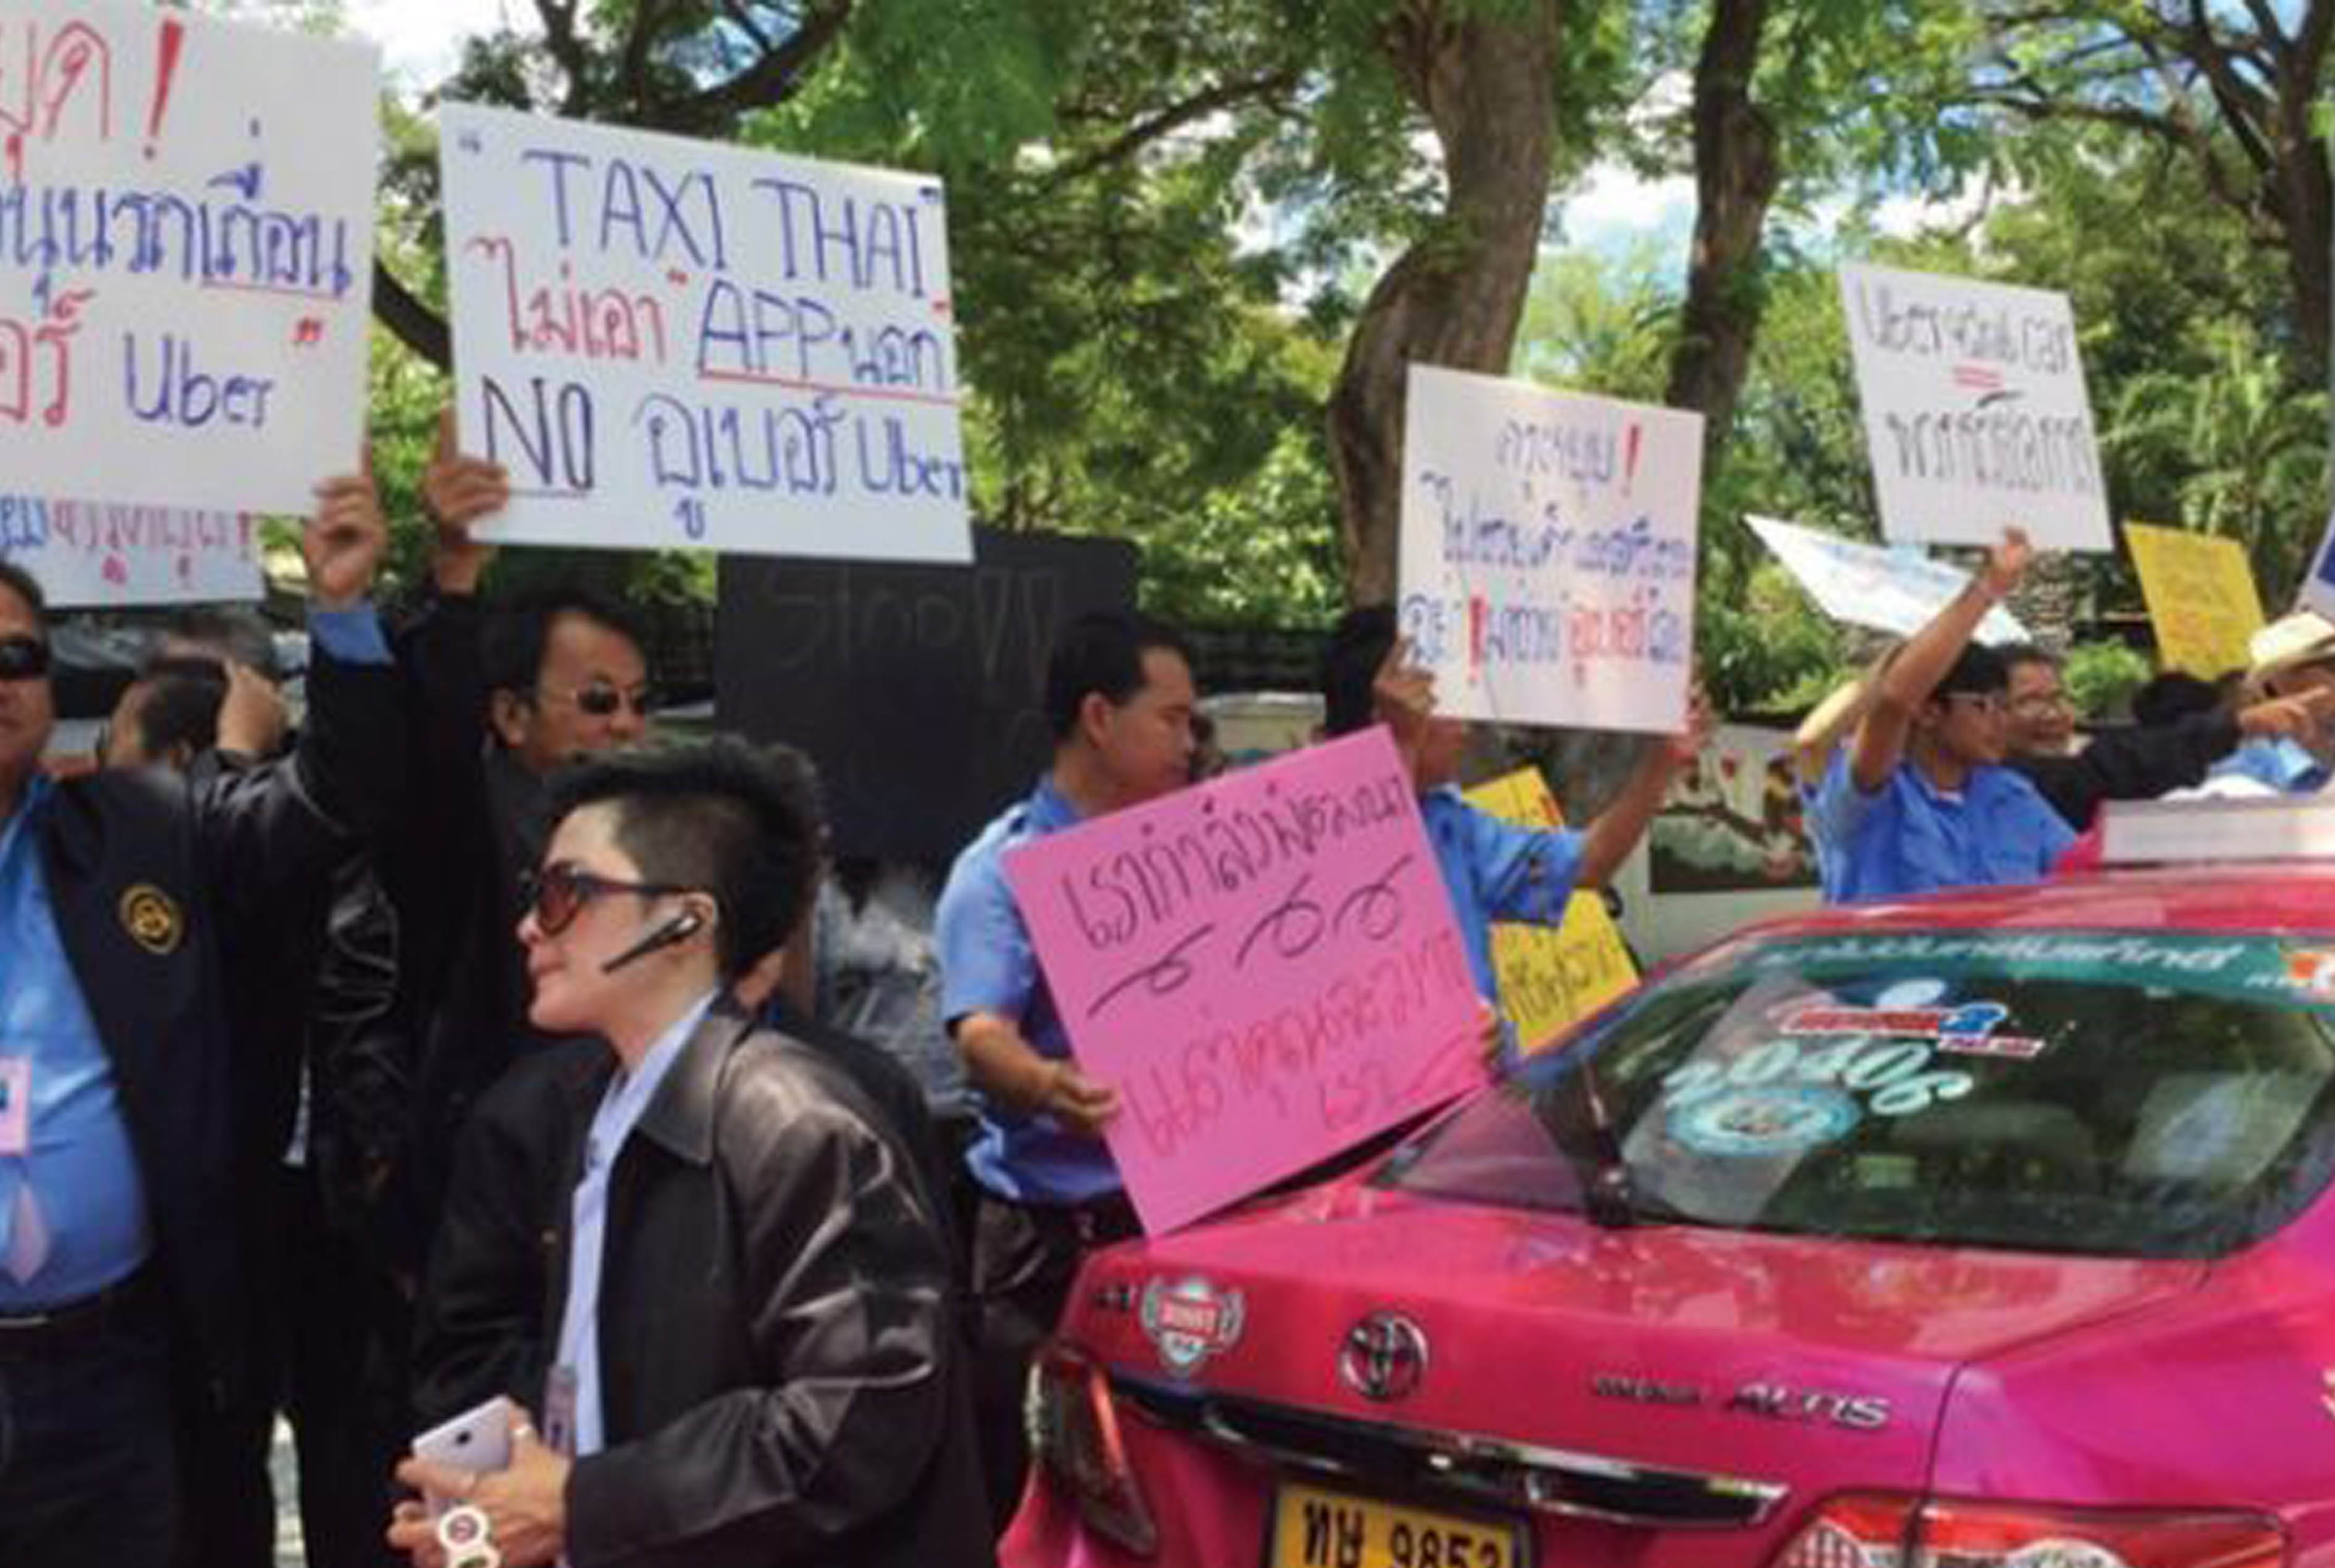 ローカルタクシー根深い反発 - ワイズデジタル【タイで生活する人のための情報サイト】